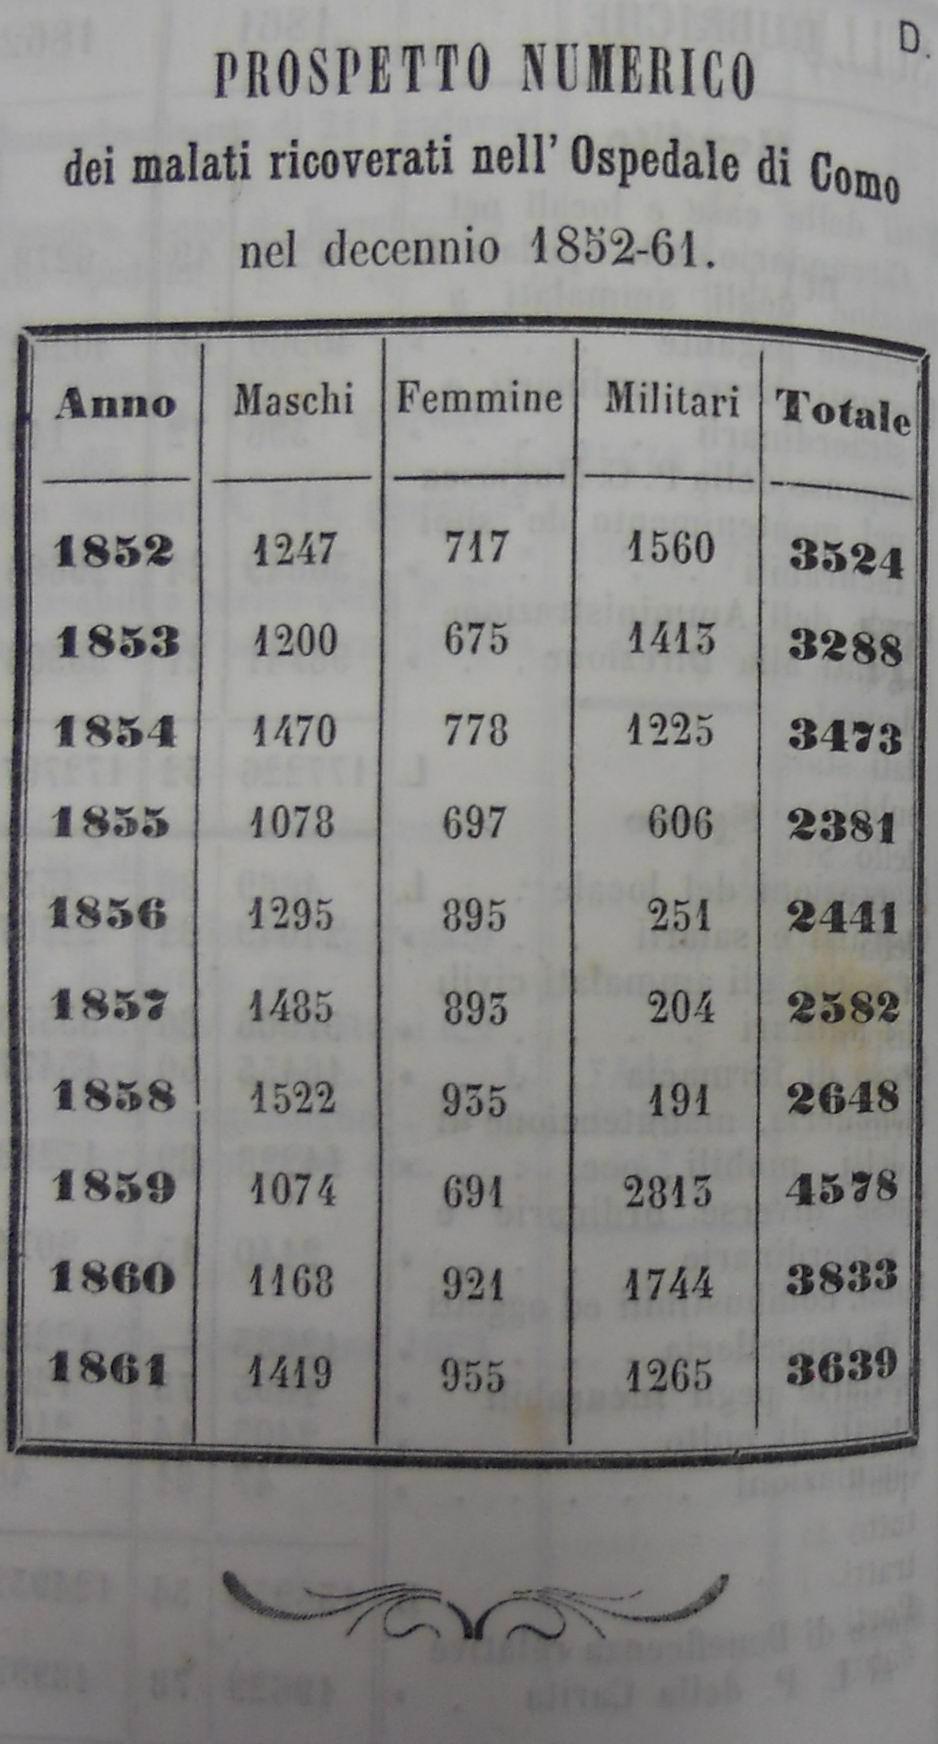 Foto: Archivio di Stato di Como, Almanacco, Manuale Provincia di Como per l'anno 1864, anno XXVII, p. 52.